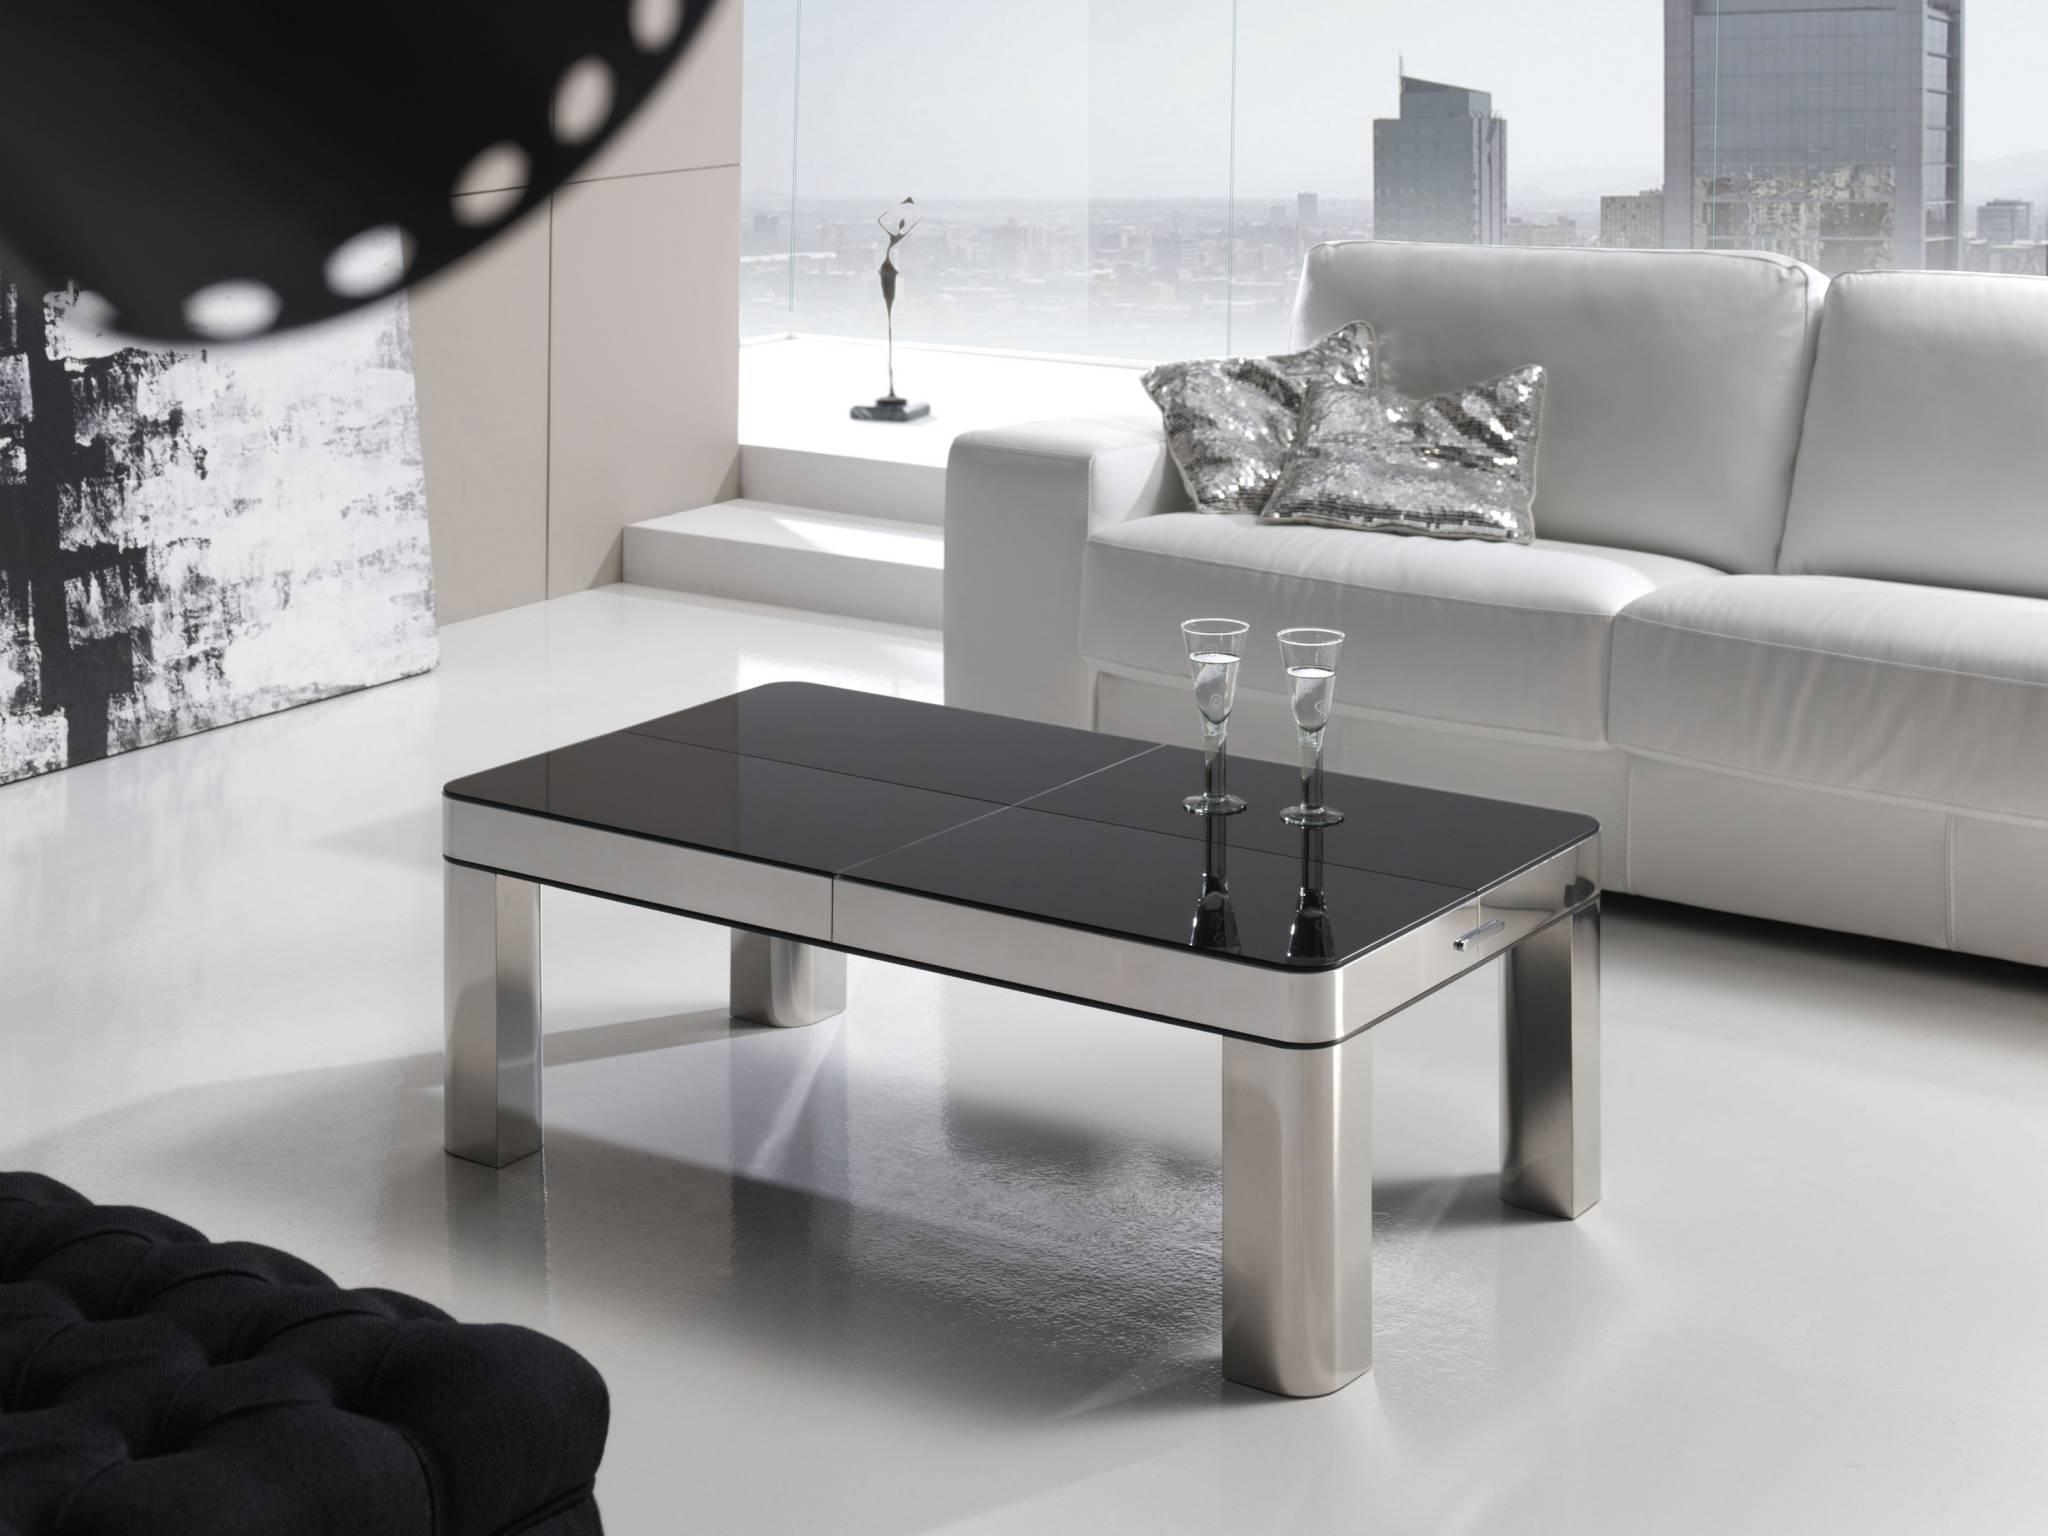 Mesa centro moderna pir n muebles d azmuebles d az for Muebles diaz